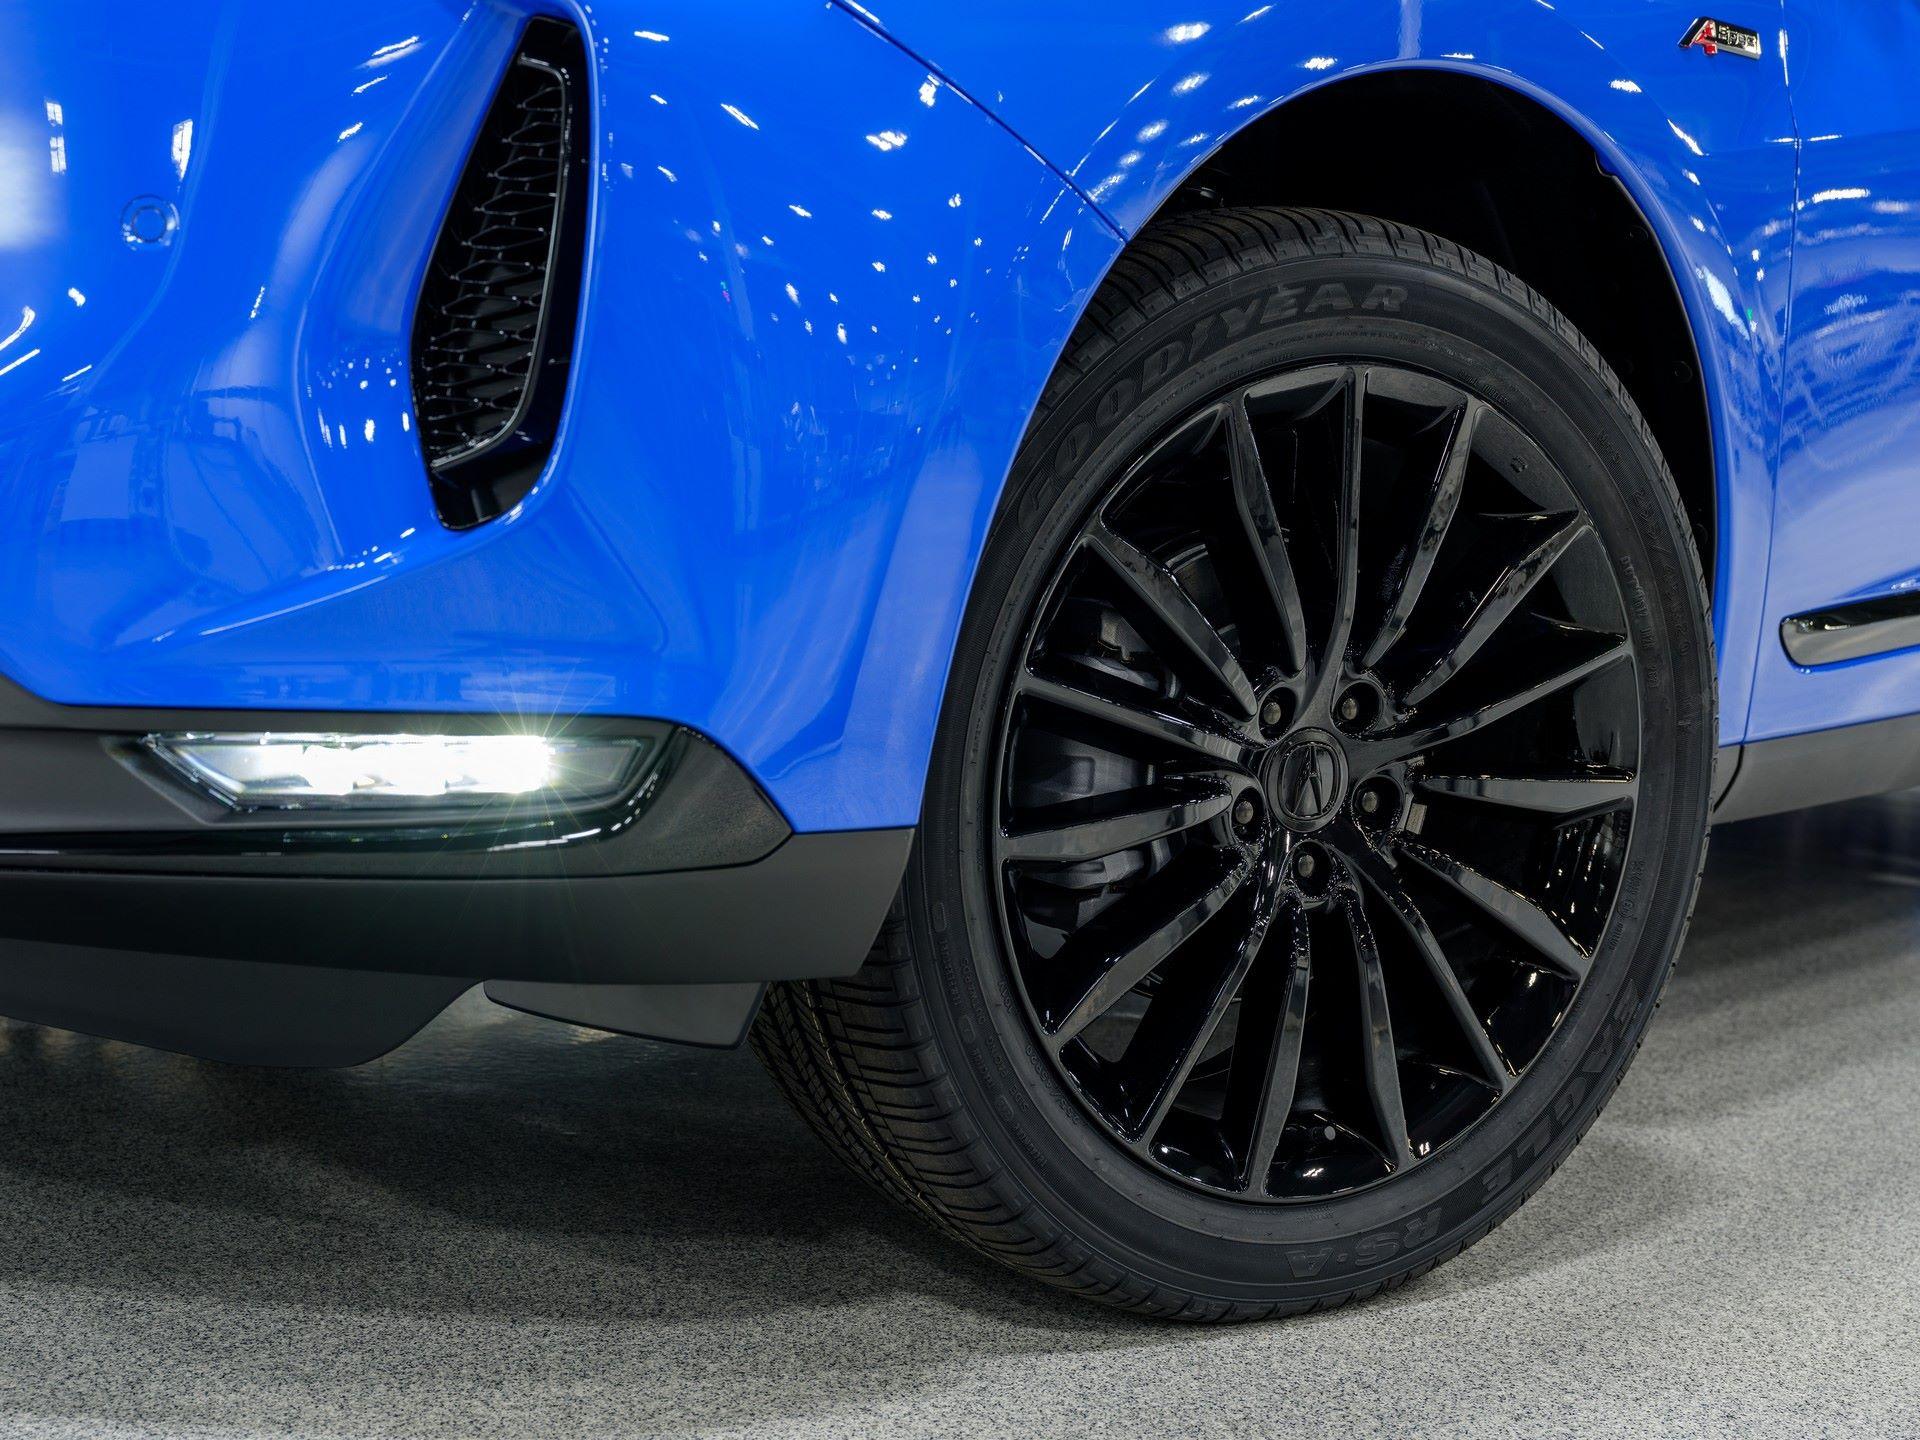 Acura-RDX-facelift-2022-42